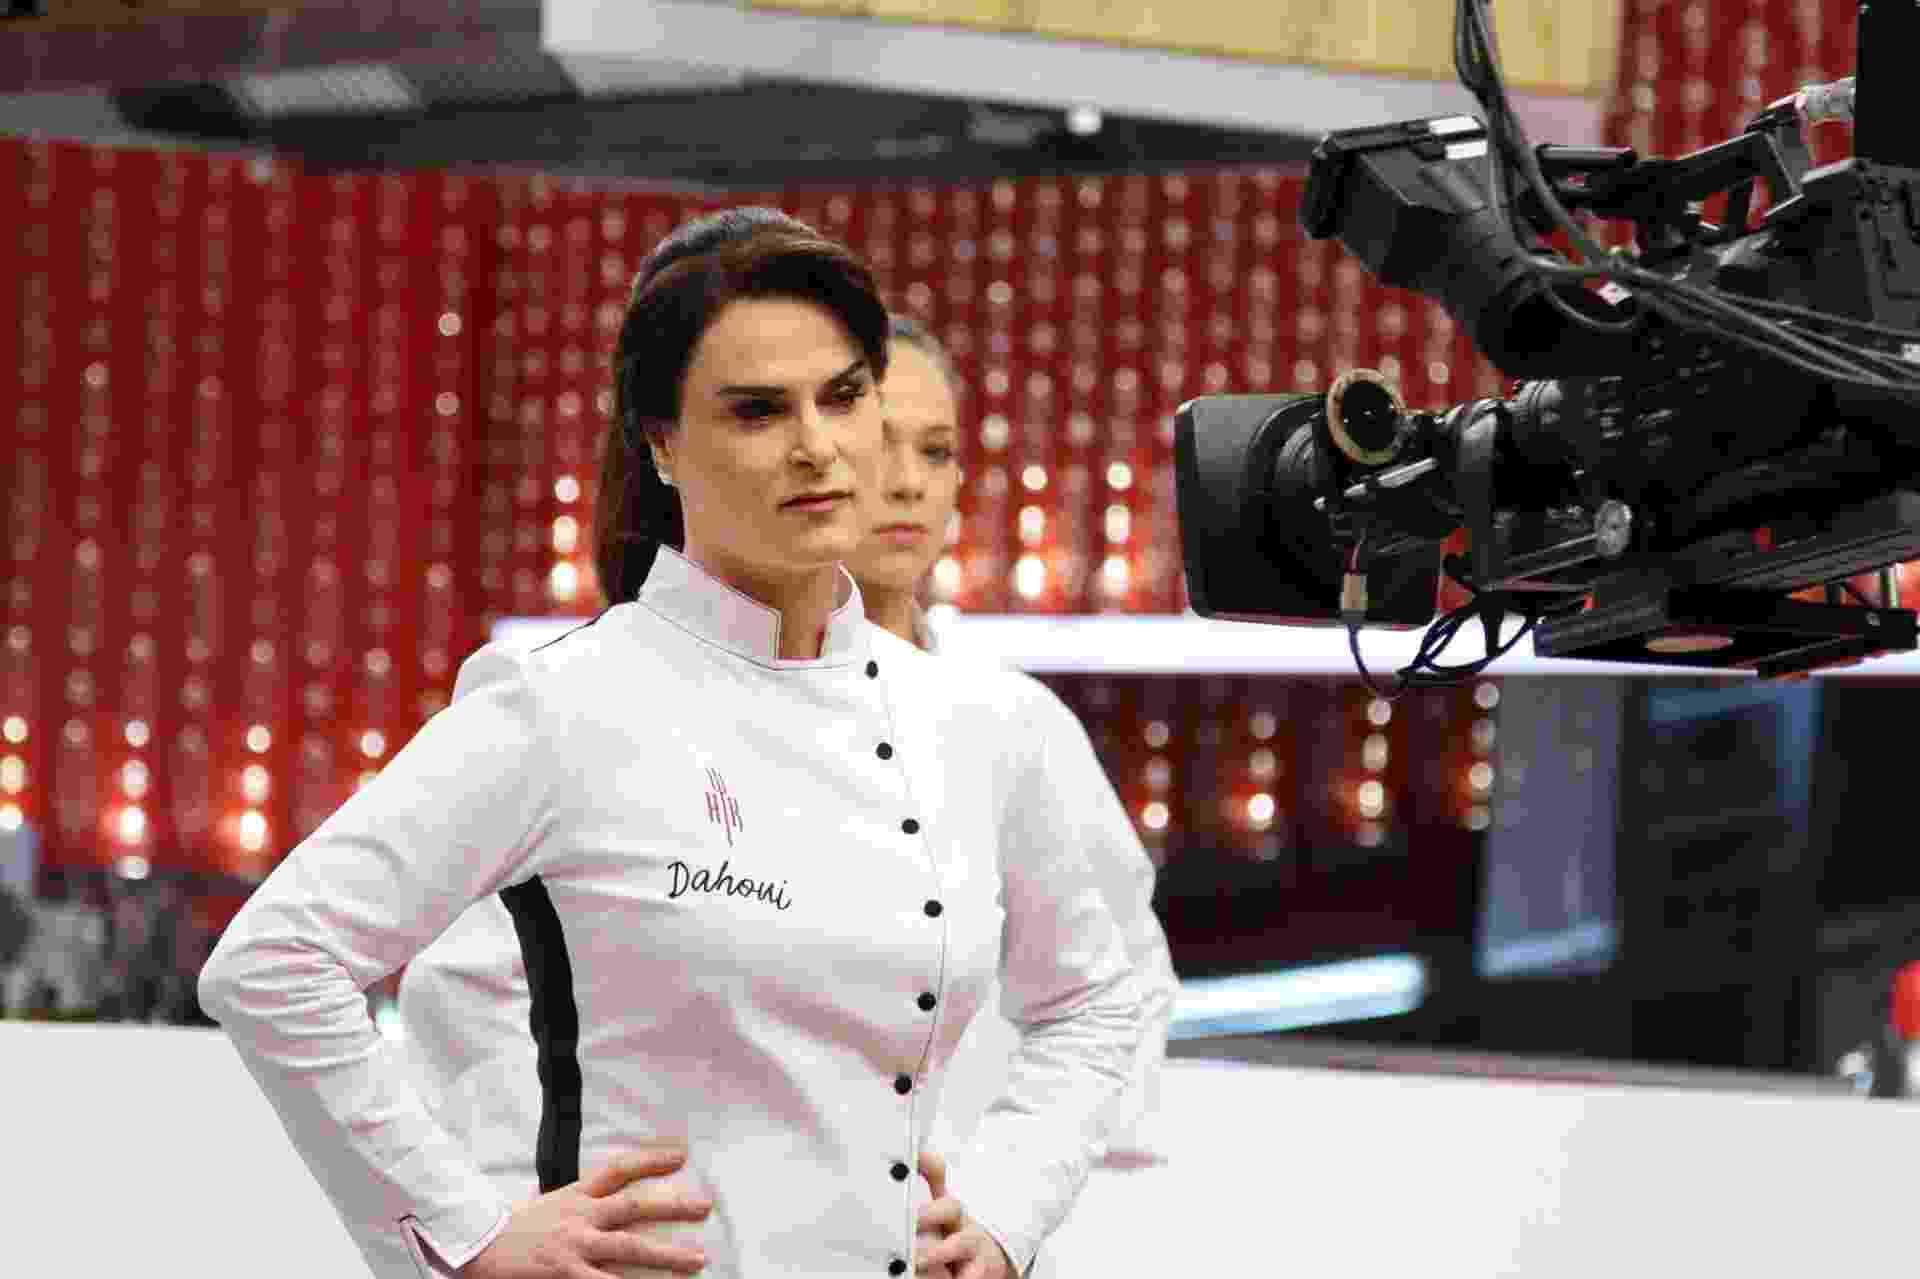 """Chef Danielle Dahoui assume o comando da versão brasileira do """"Hell's Kitchen - Cozinha Sob Pressão"""" - Gabriel Gabe/SBT"""